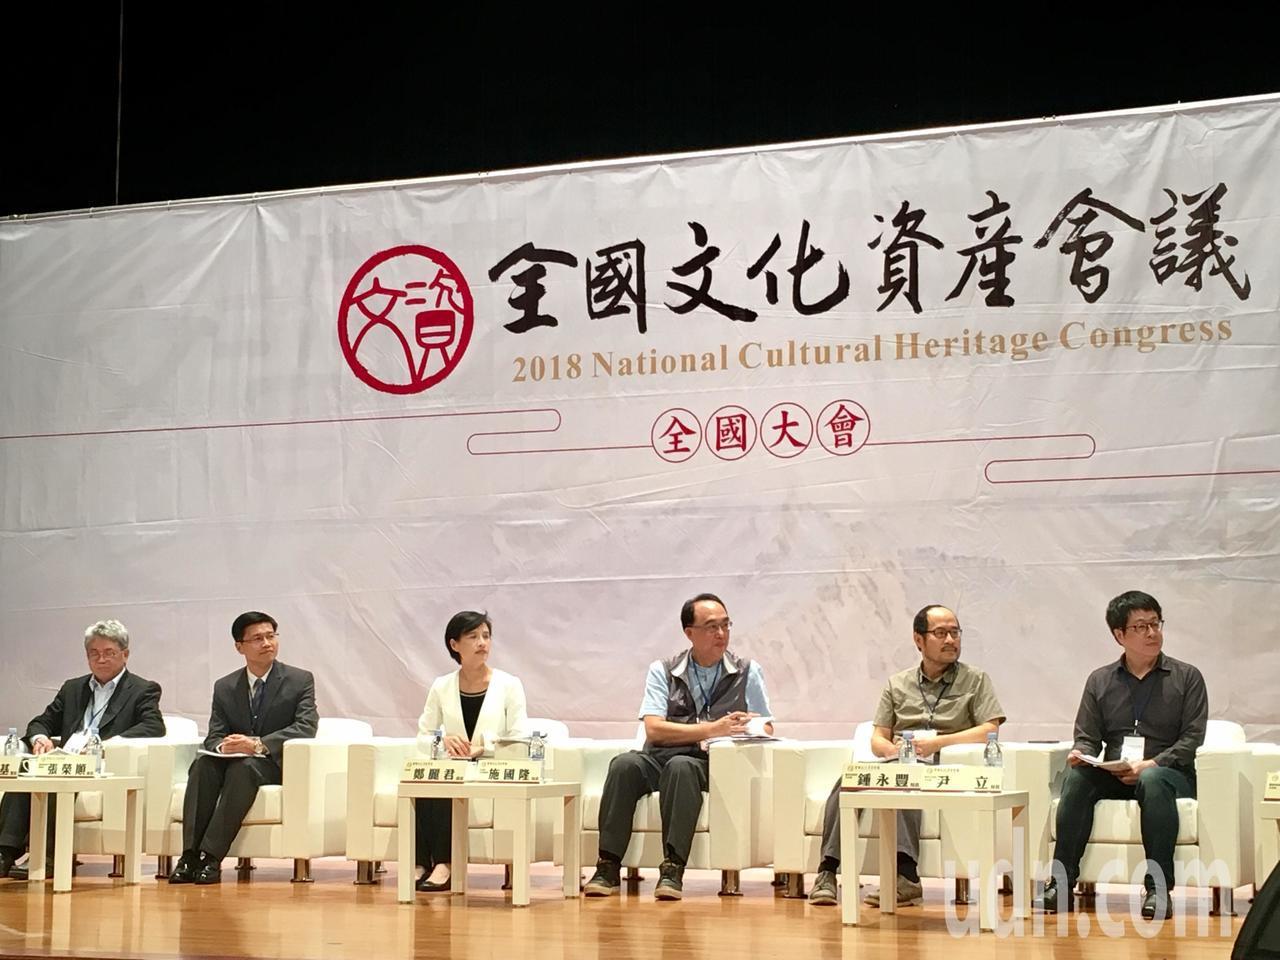 文化部今舉辦全國文化資產會議。記者吳姿賢/攝影